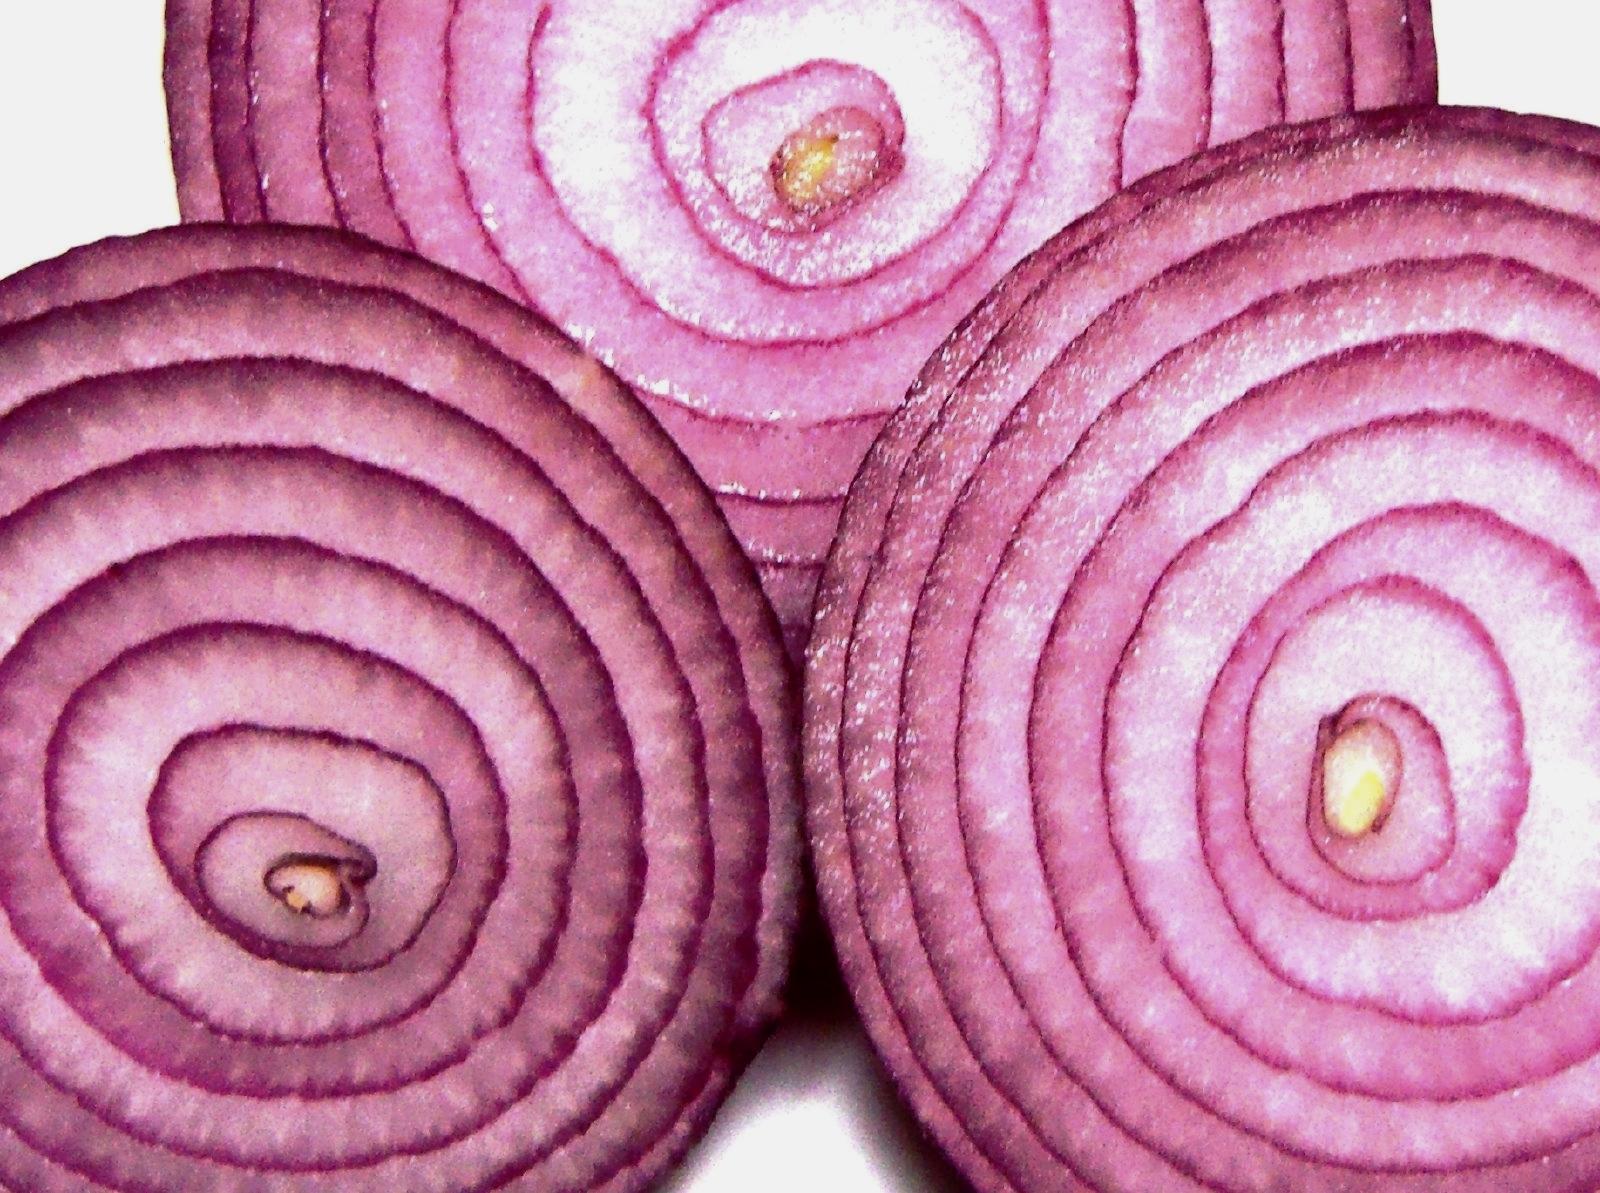 a musician has many layers, like an onion. (OK, TOO MANY METAPHORS!)